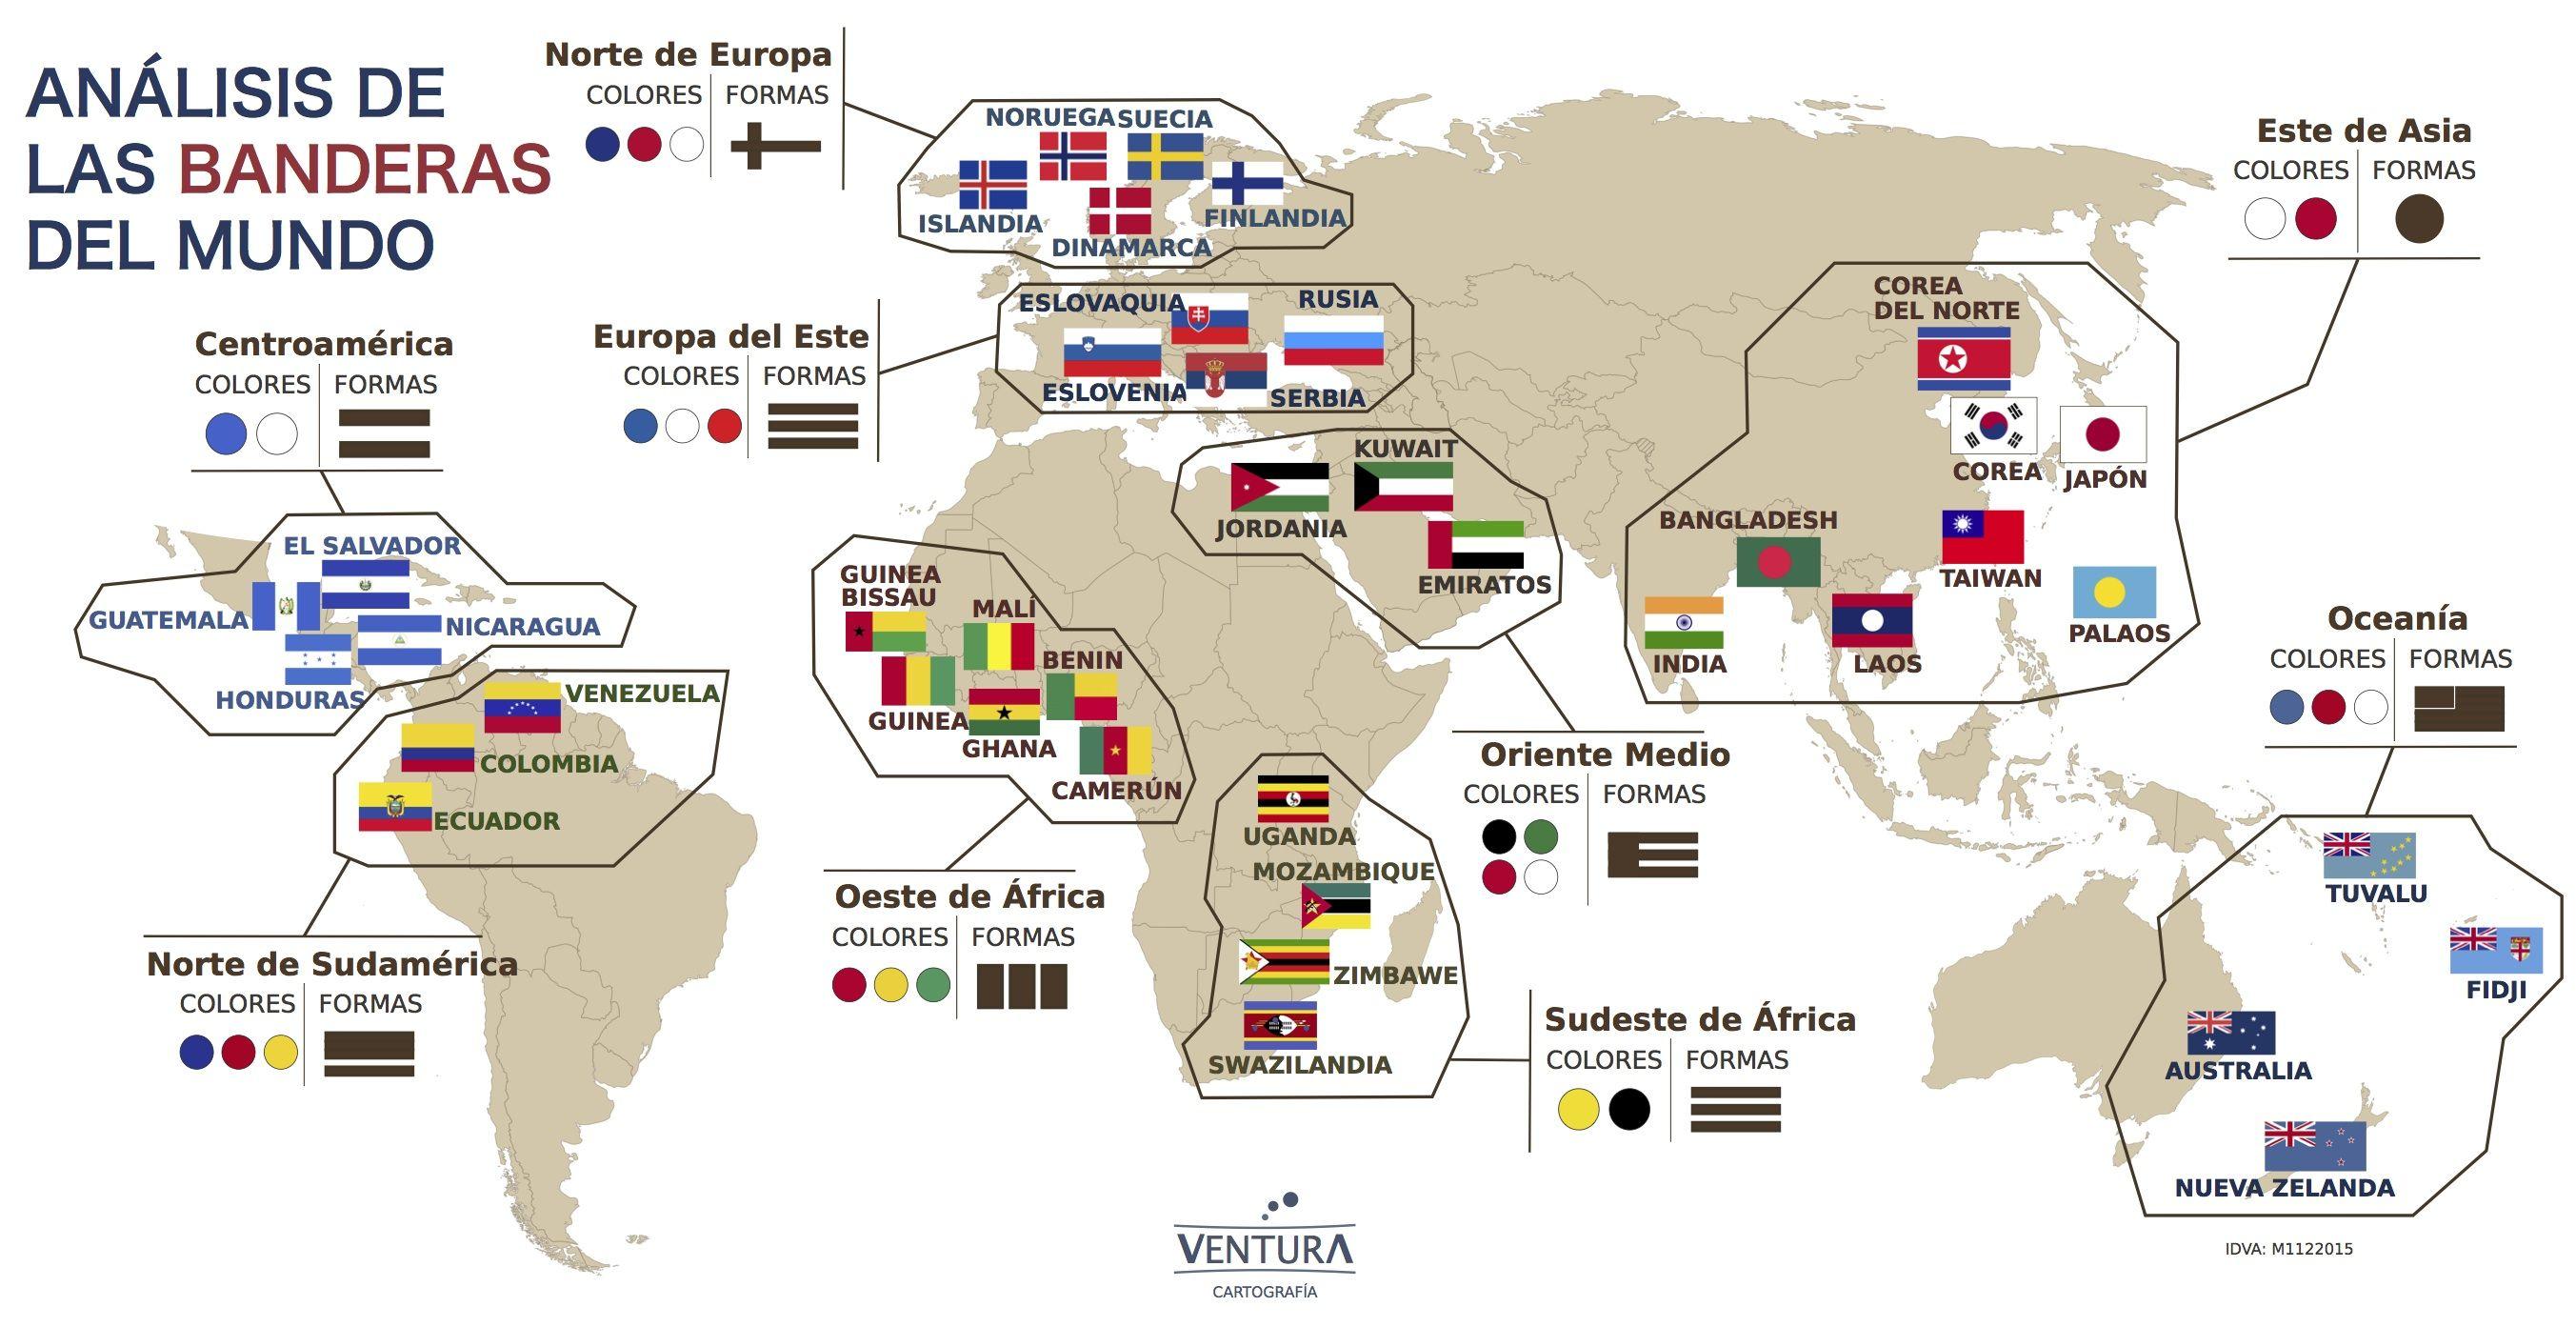 Historia De Las Banderas Del Mundo